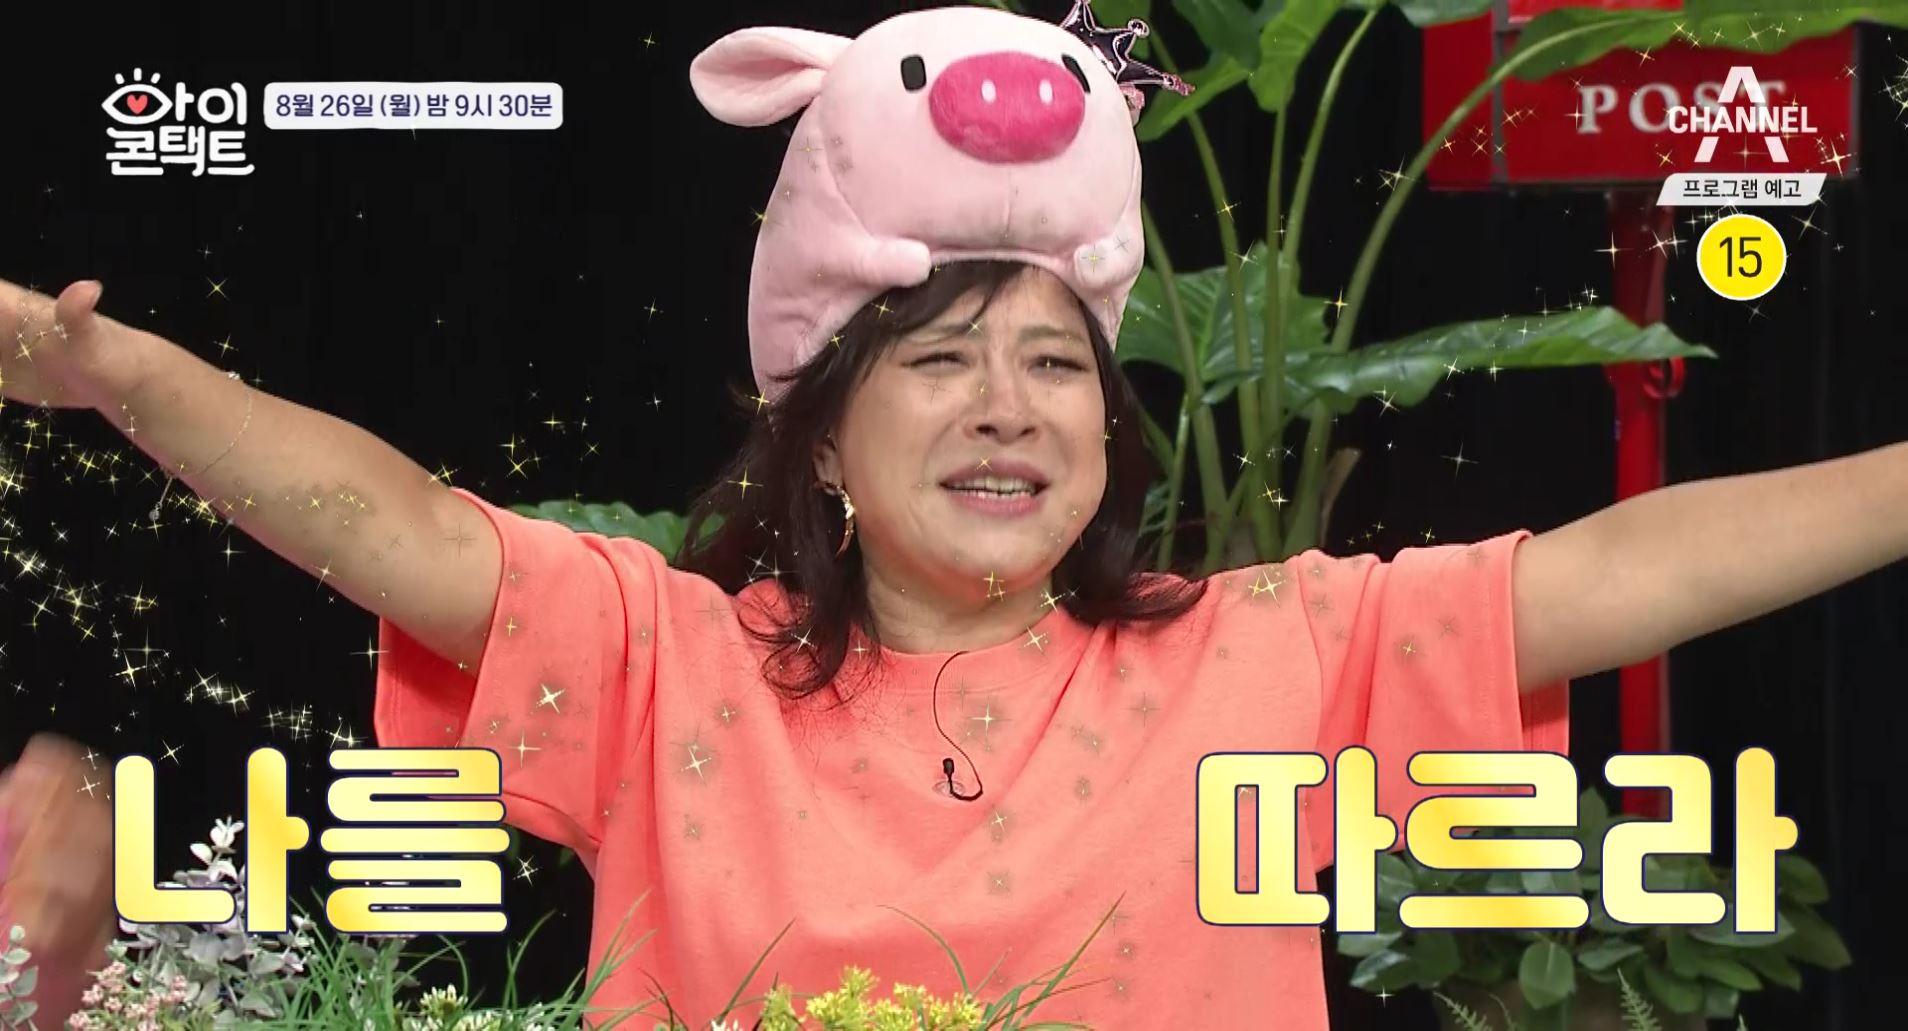 [예고] 나를 따르라! 돼지세계에는 전설과 같은 여왕님....